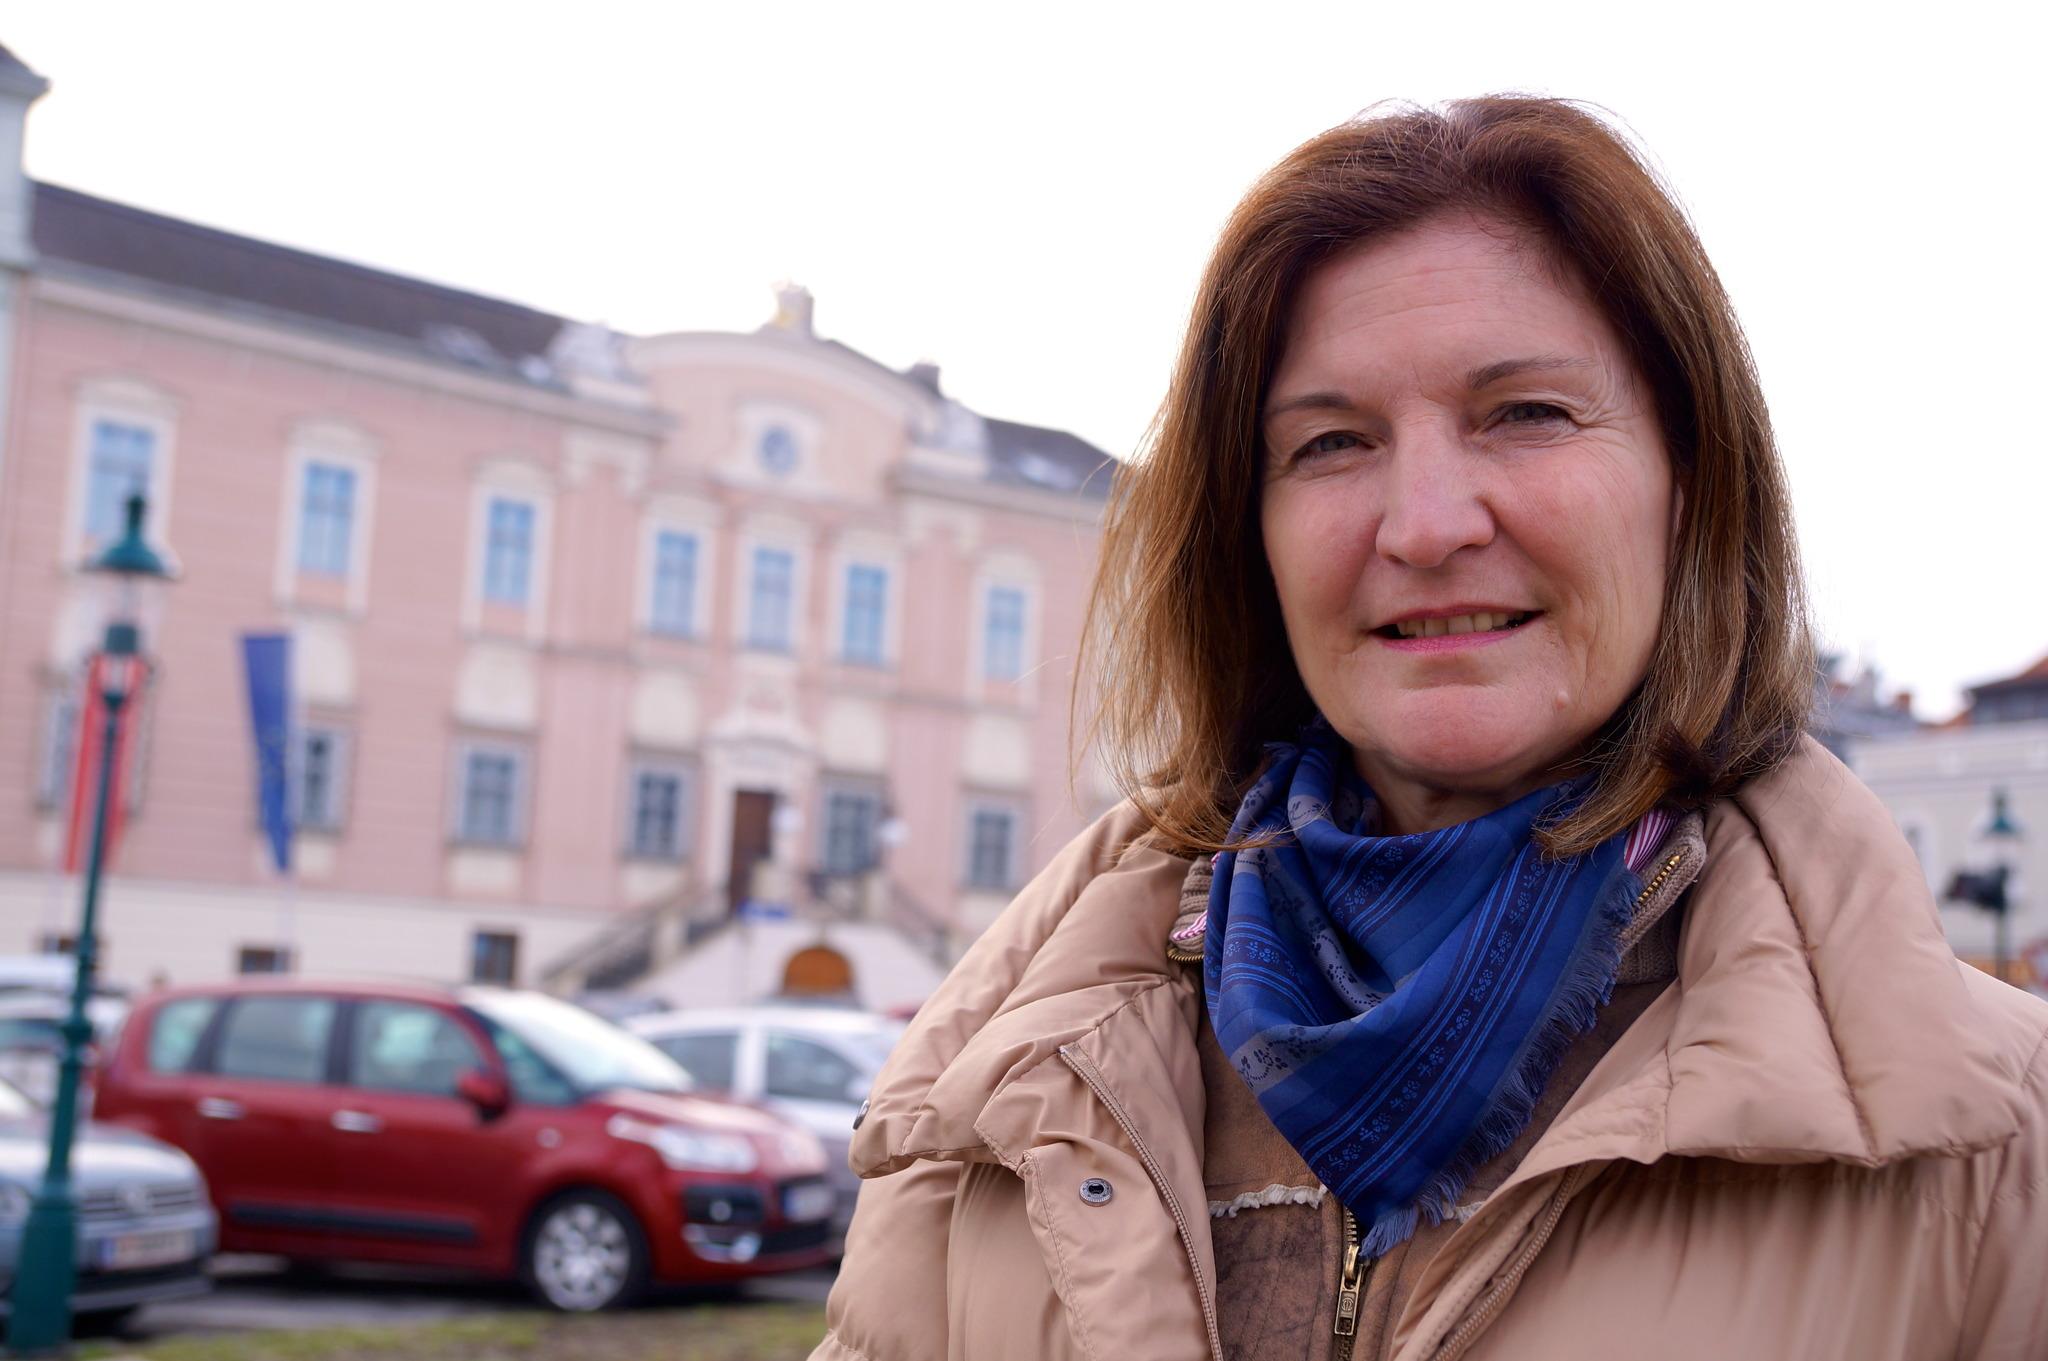 Treffen singles aus weidling, Seebach kostenlose partnervermittlung